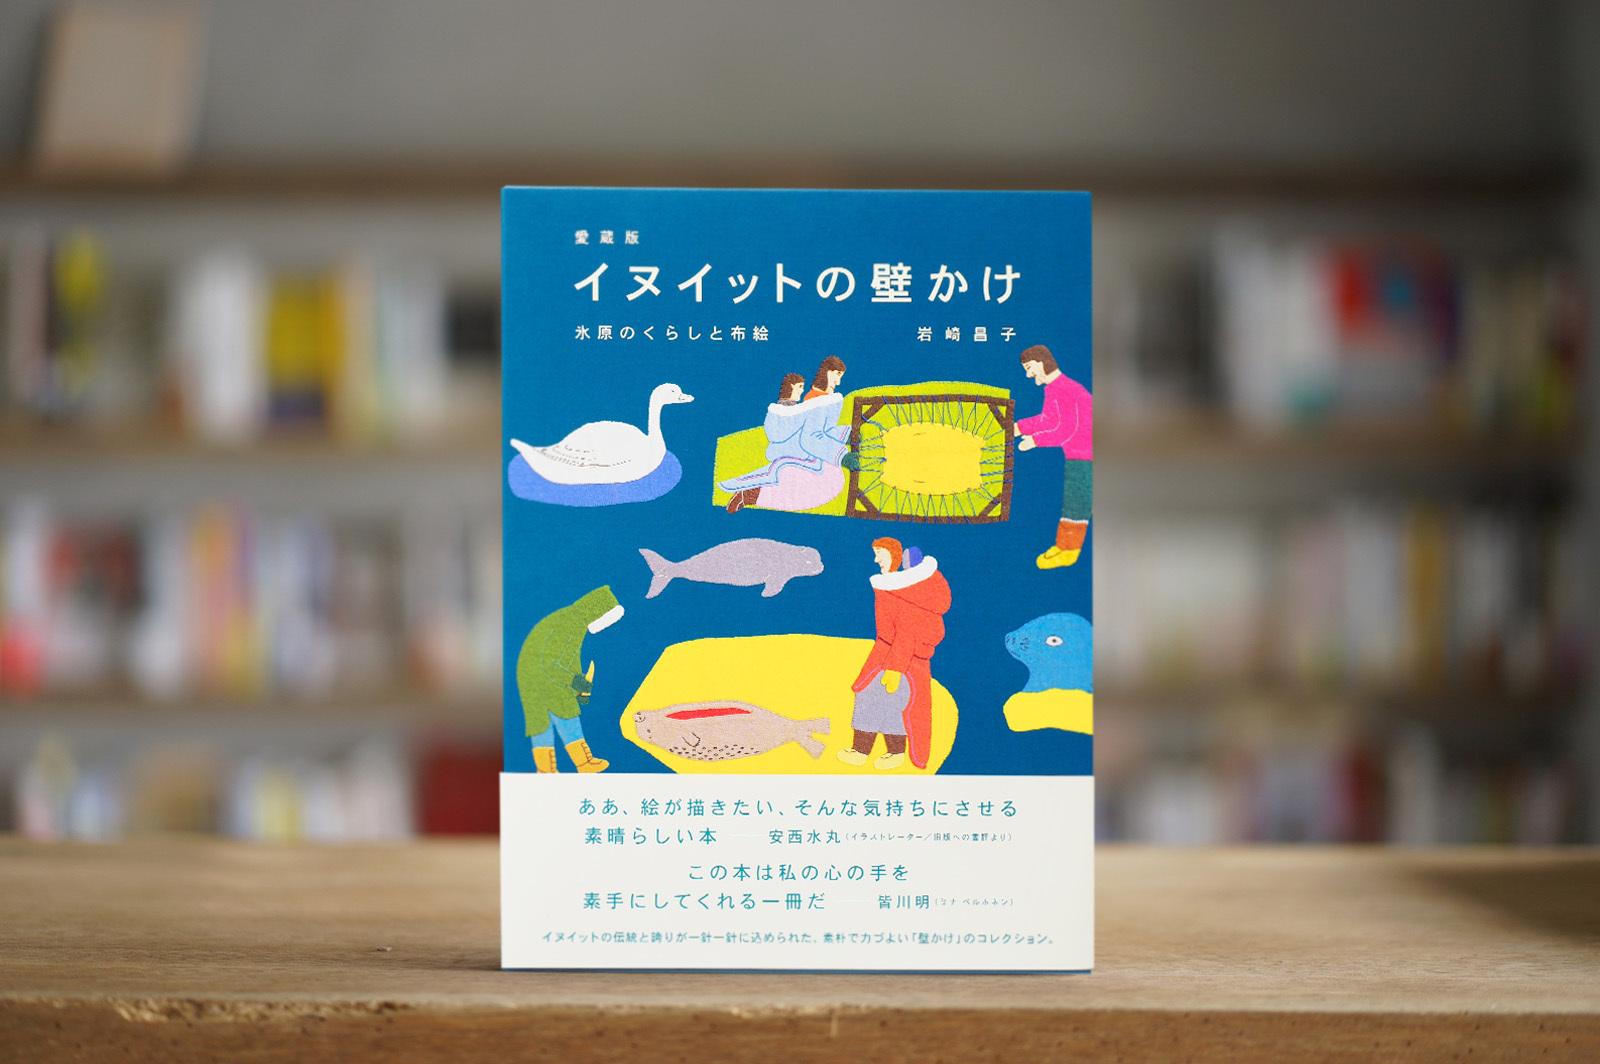 岩崎昌子 『イヌイットの壁かけ 氷原のくらしと布絵』 (誠文堂新光社、2017)